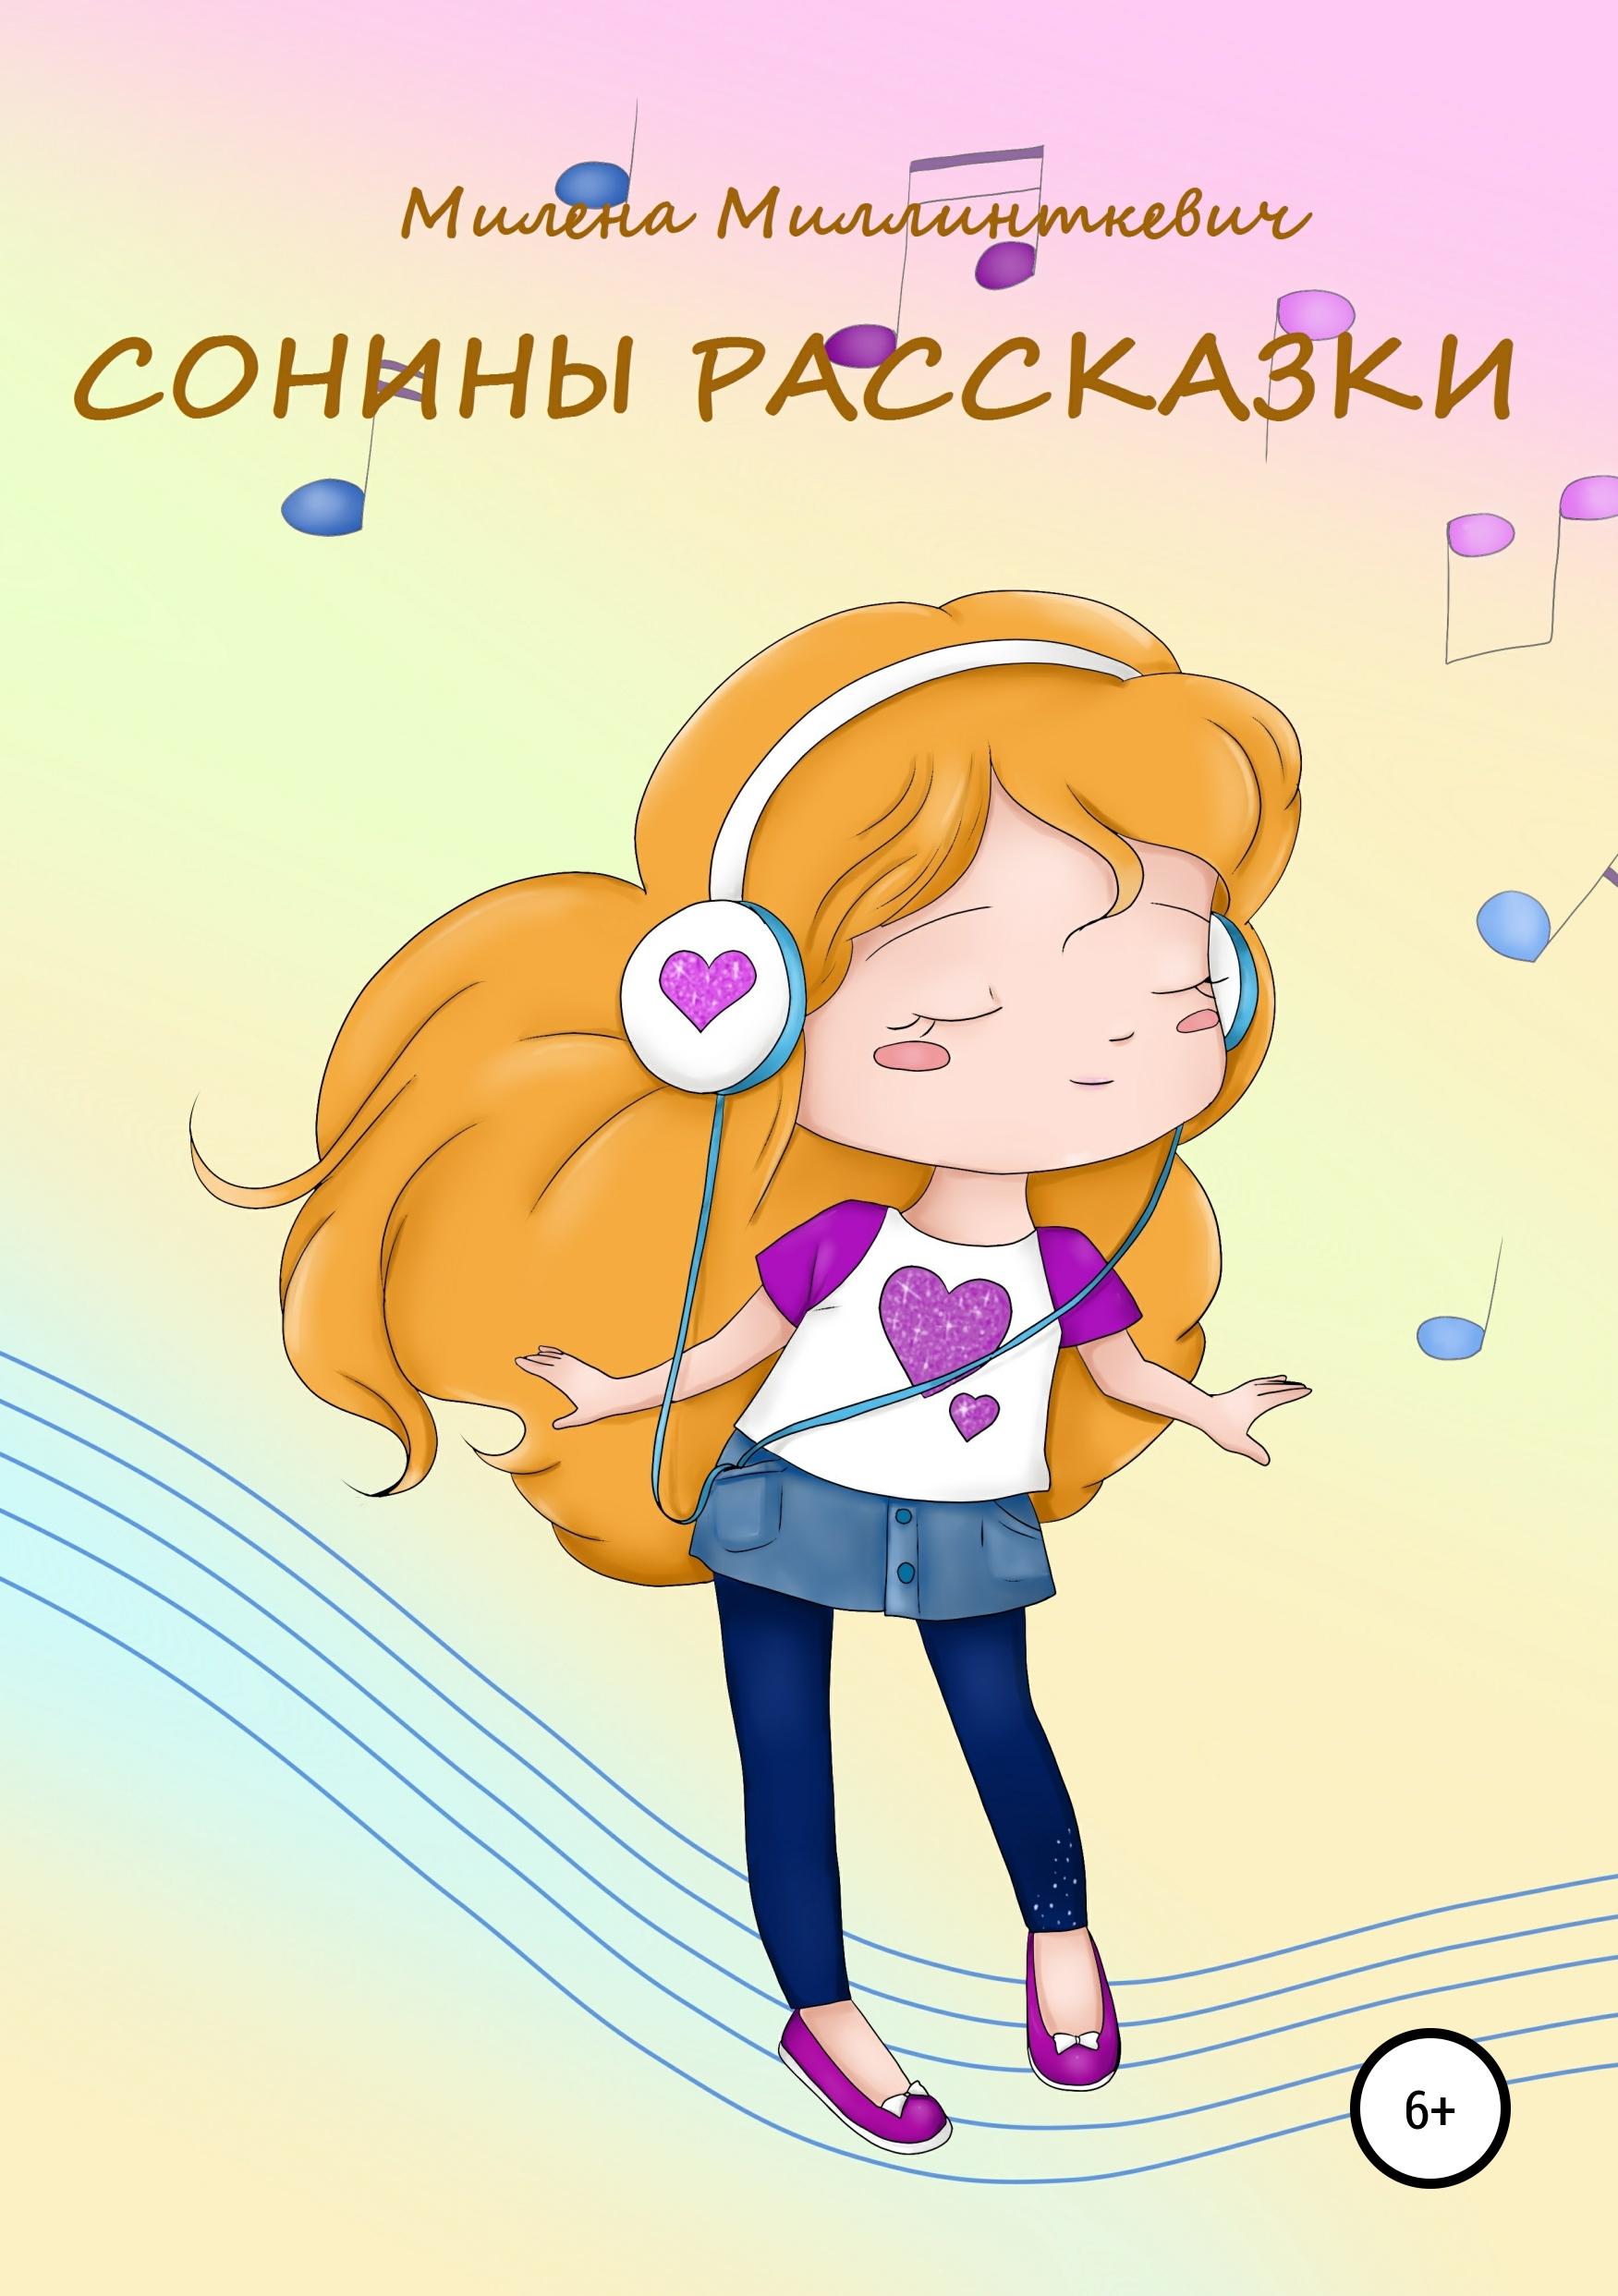 Милена Миллинткевич Сонины рассказки цены